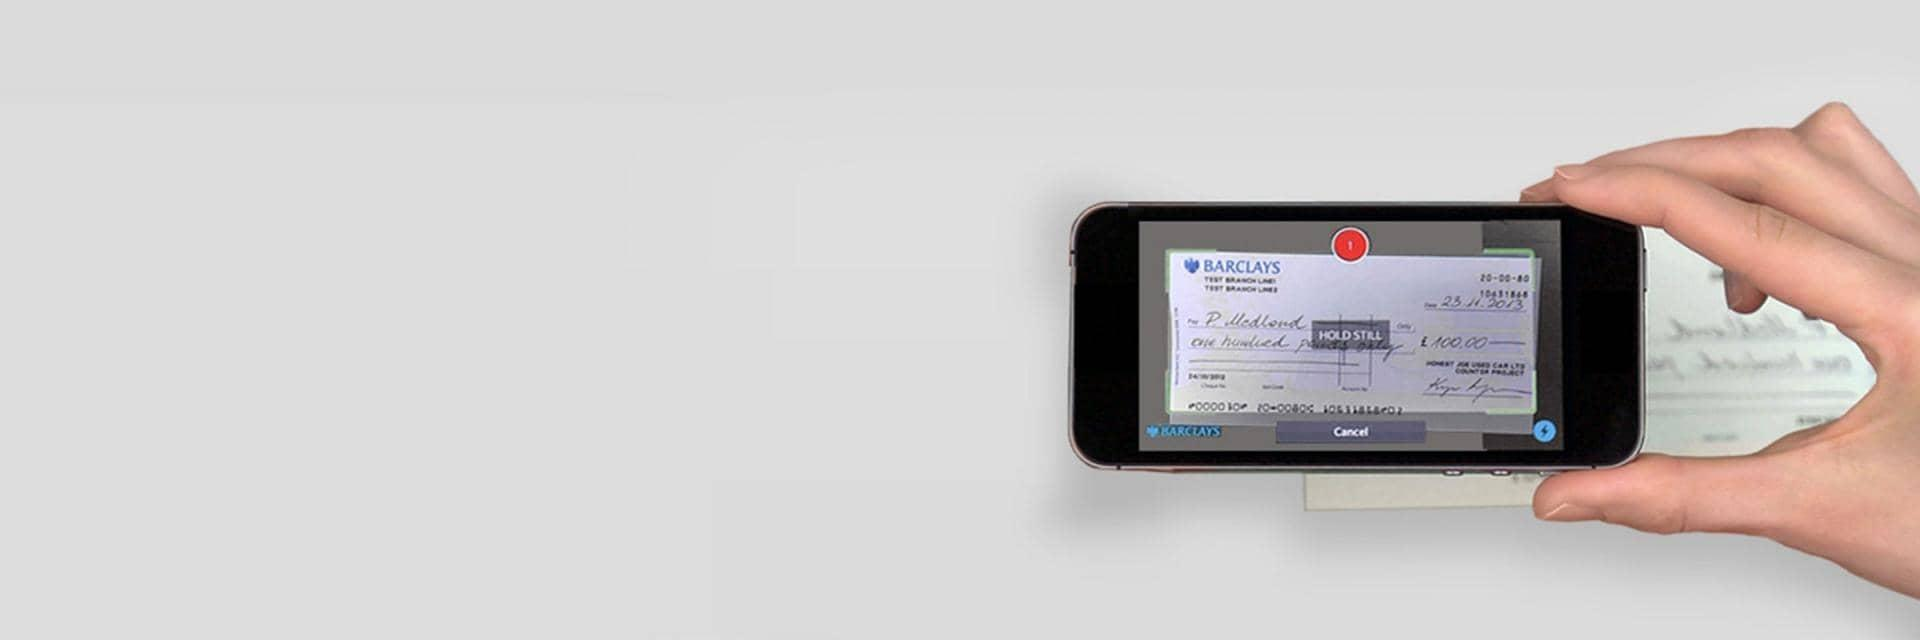 Payday loans like elastic image 10